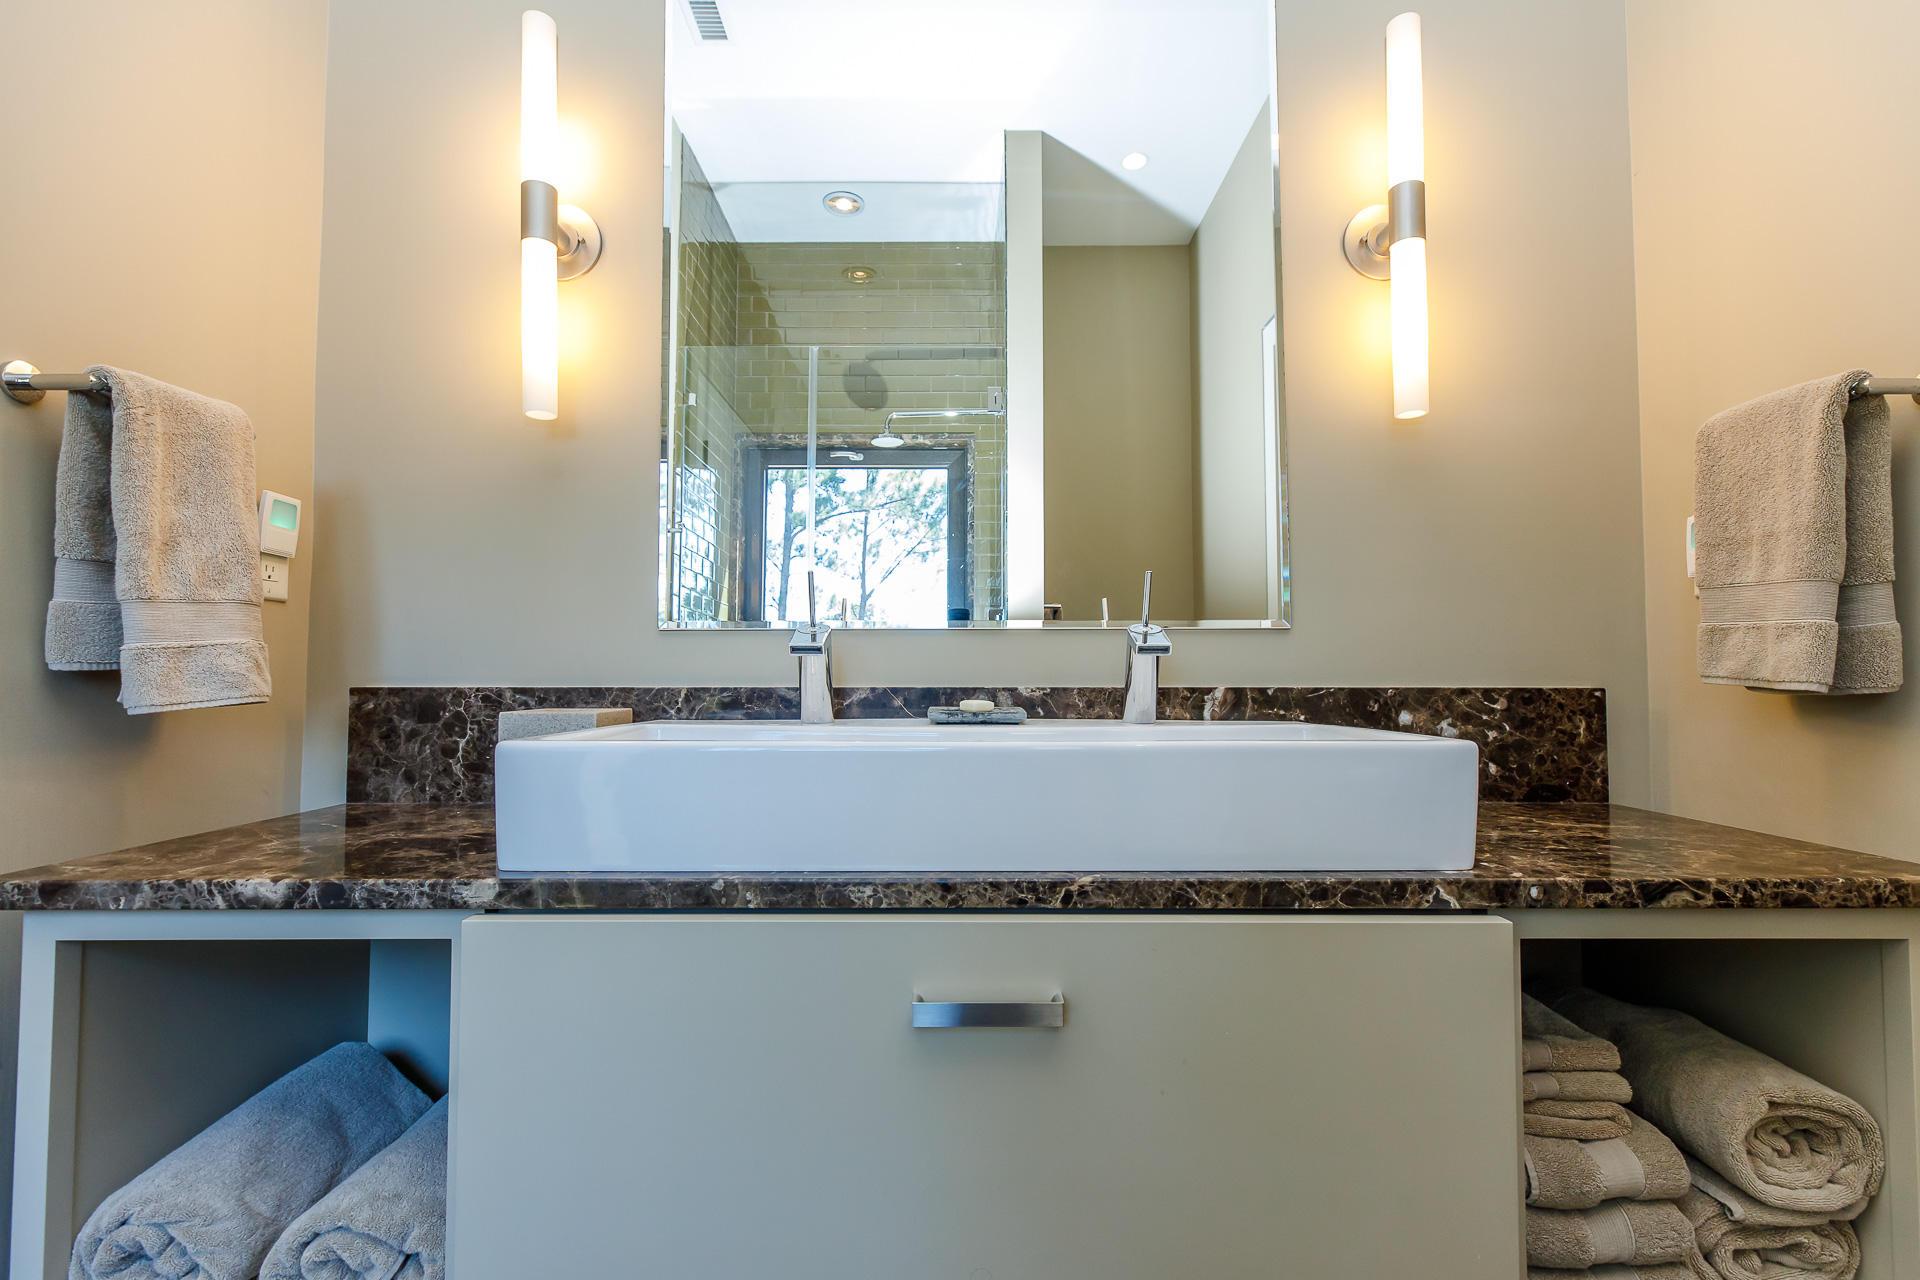 Kiawah Island Homes For Sale - 102 Blue Heron Pond, Kiawah Island, SC - 75